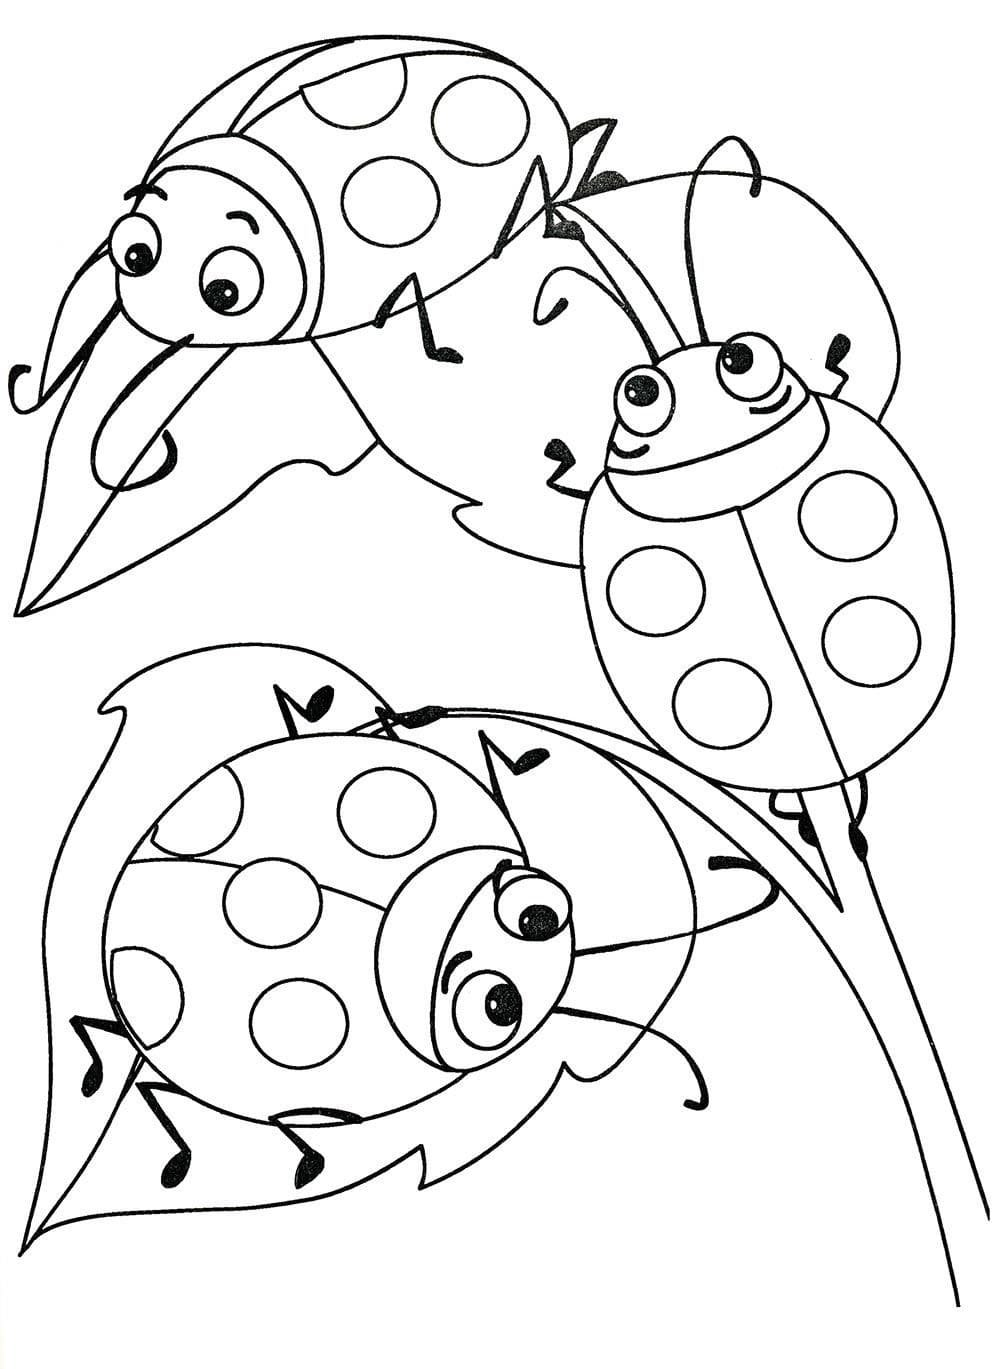 «Раскраски для малышей 3-4 года. Распечатайте онлайн ...